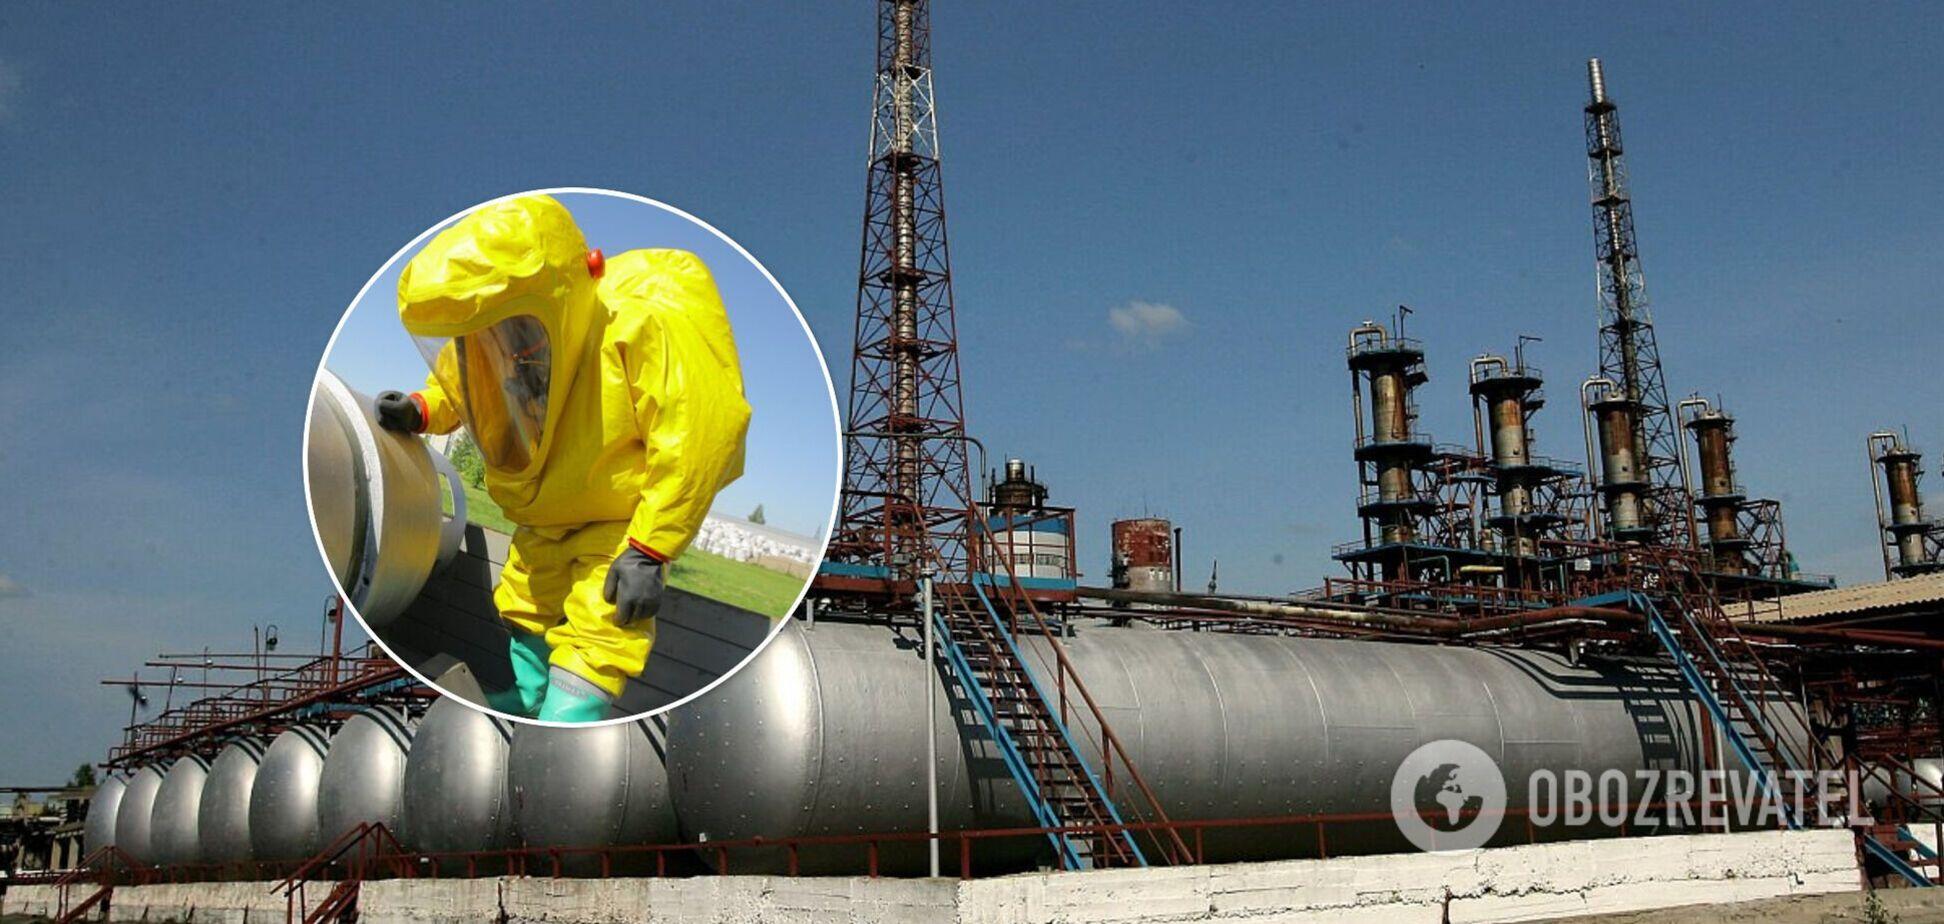 Кияни в зоні ризику: названо кількість небезпечних хімічних об'єктів в столиці